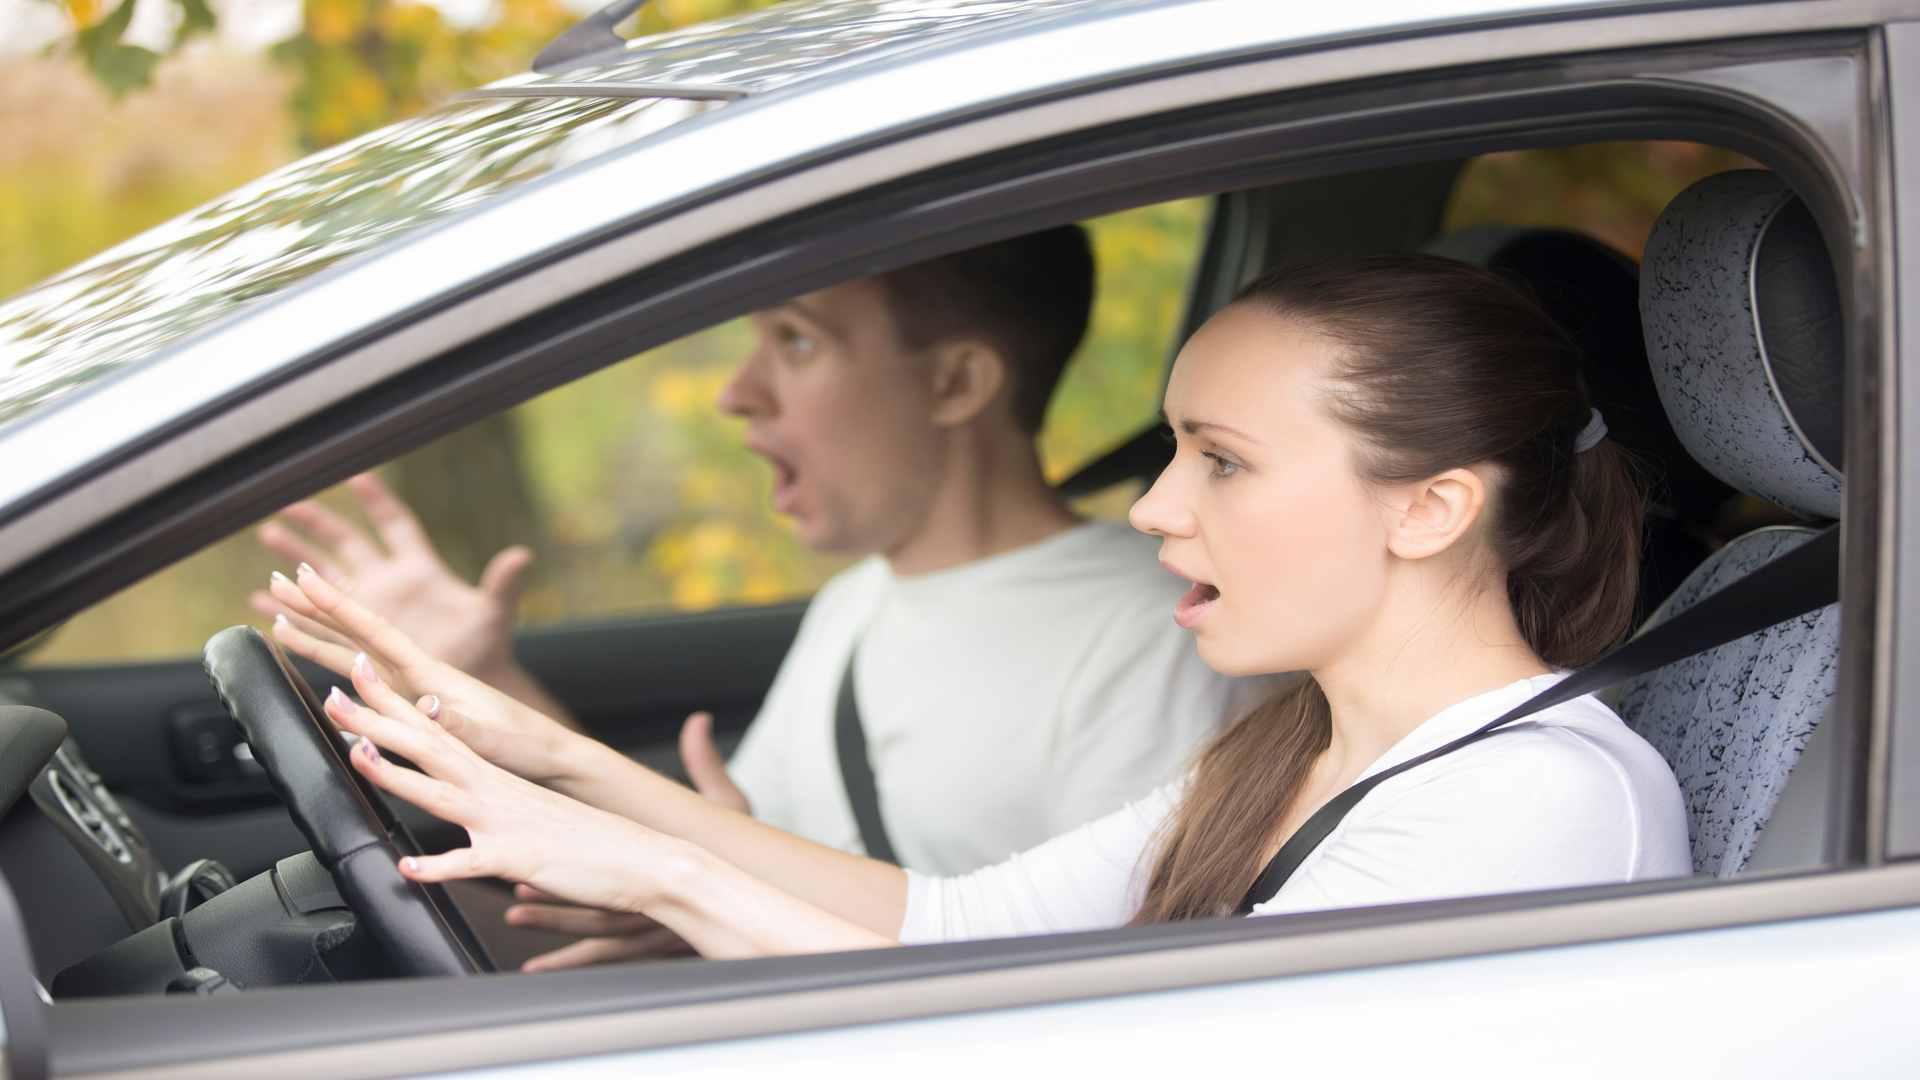 פסילת רישיון נהיגה בעקבות תאונה